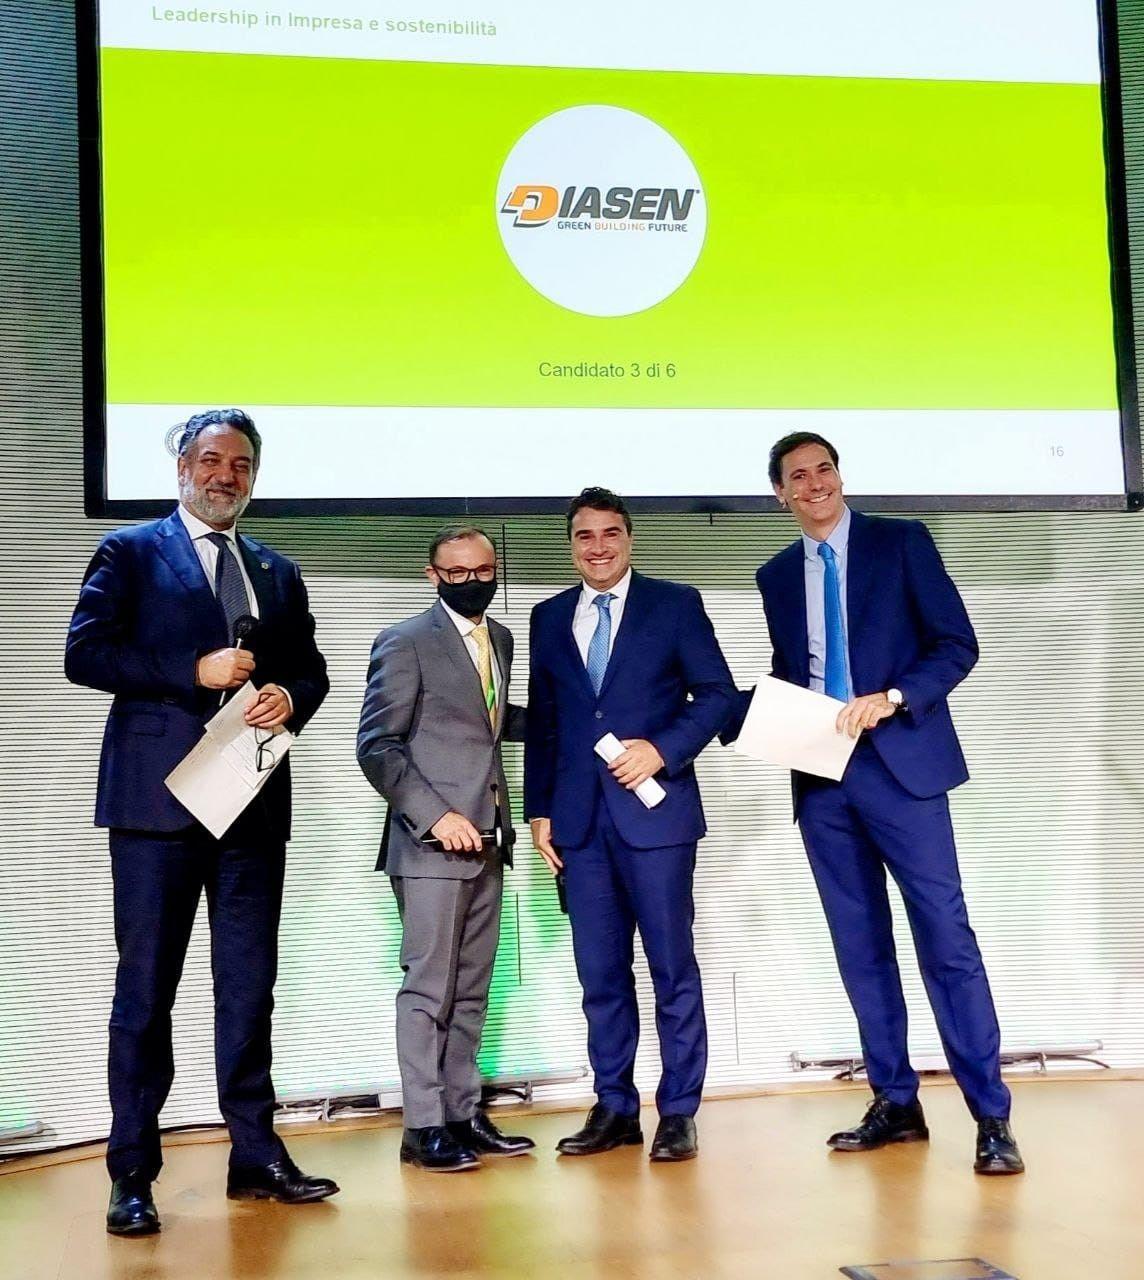 Diasen vince il premio 'Leadership in impresa e sostenibilità' di GBC Italia